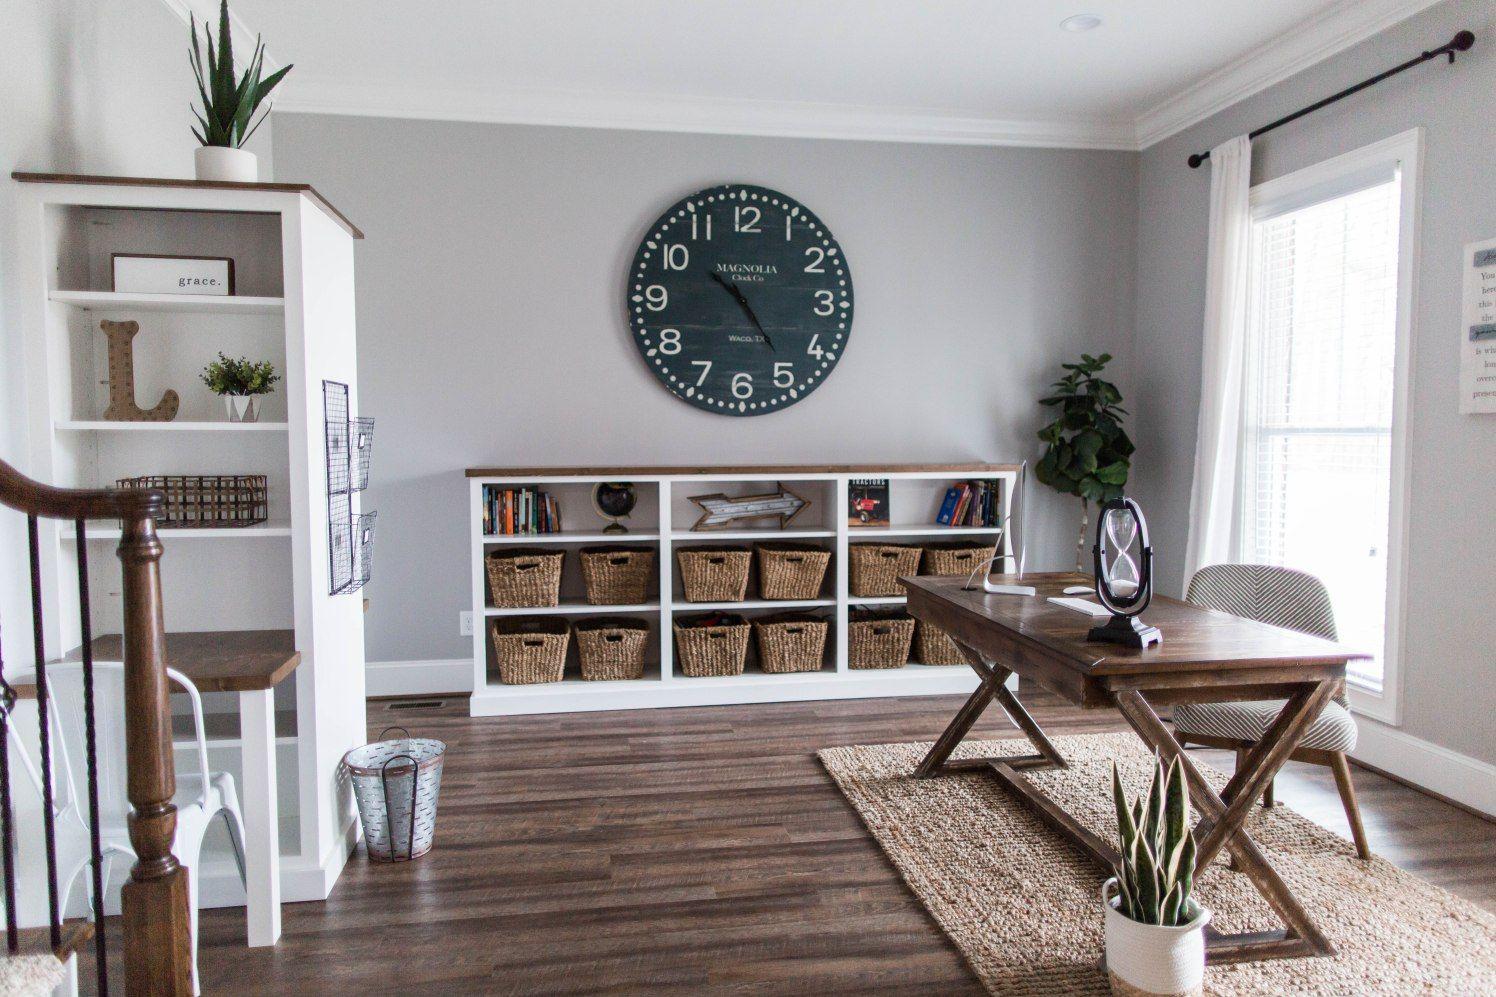 Office/Homeschool Room Homeschool rooms, Room, Home